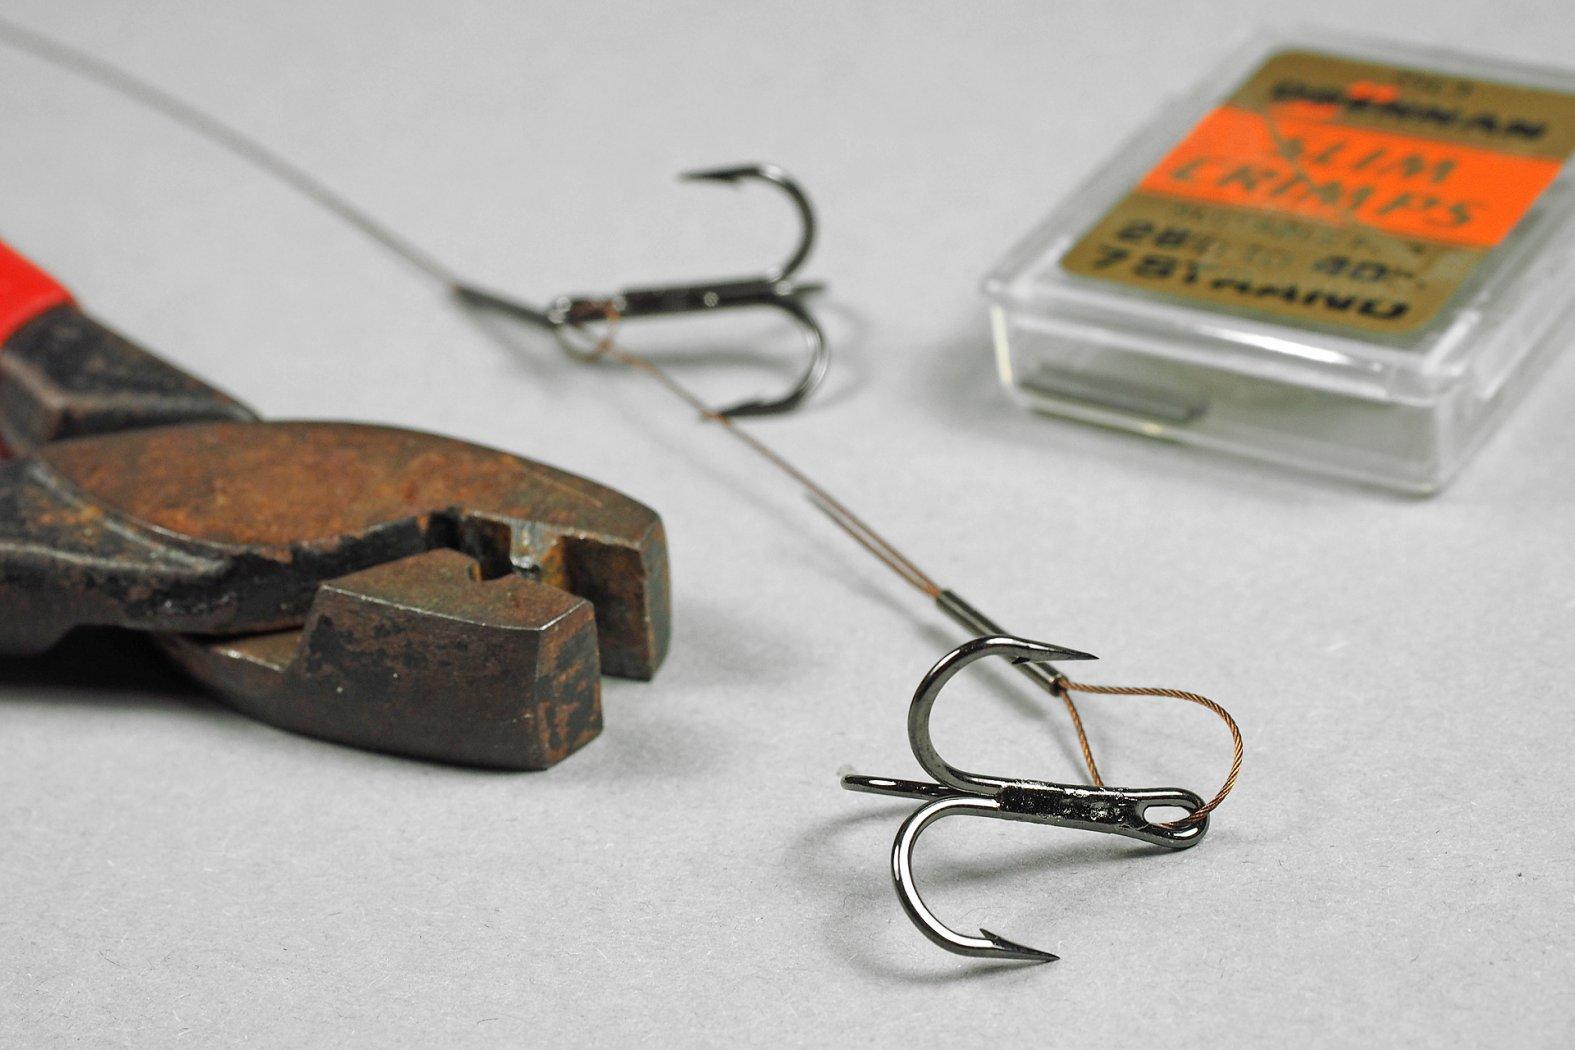 Köderfischvorfach mit zwei Drillingen